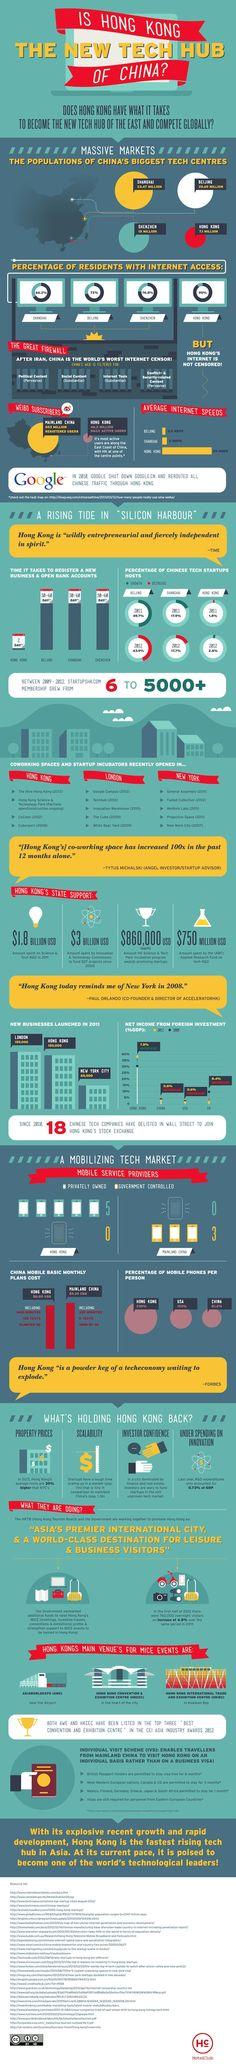 Data Togel Singapura, Data Togel Hongkong, Data Togel sydney Togel Sgp Chinahtml